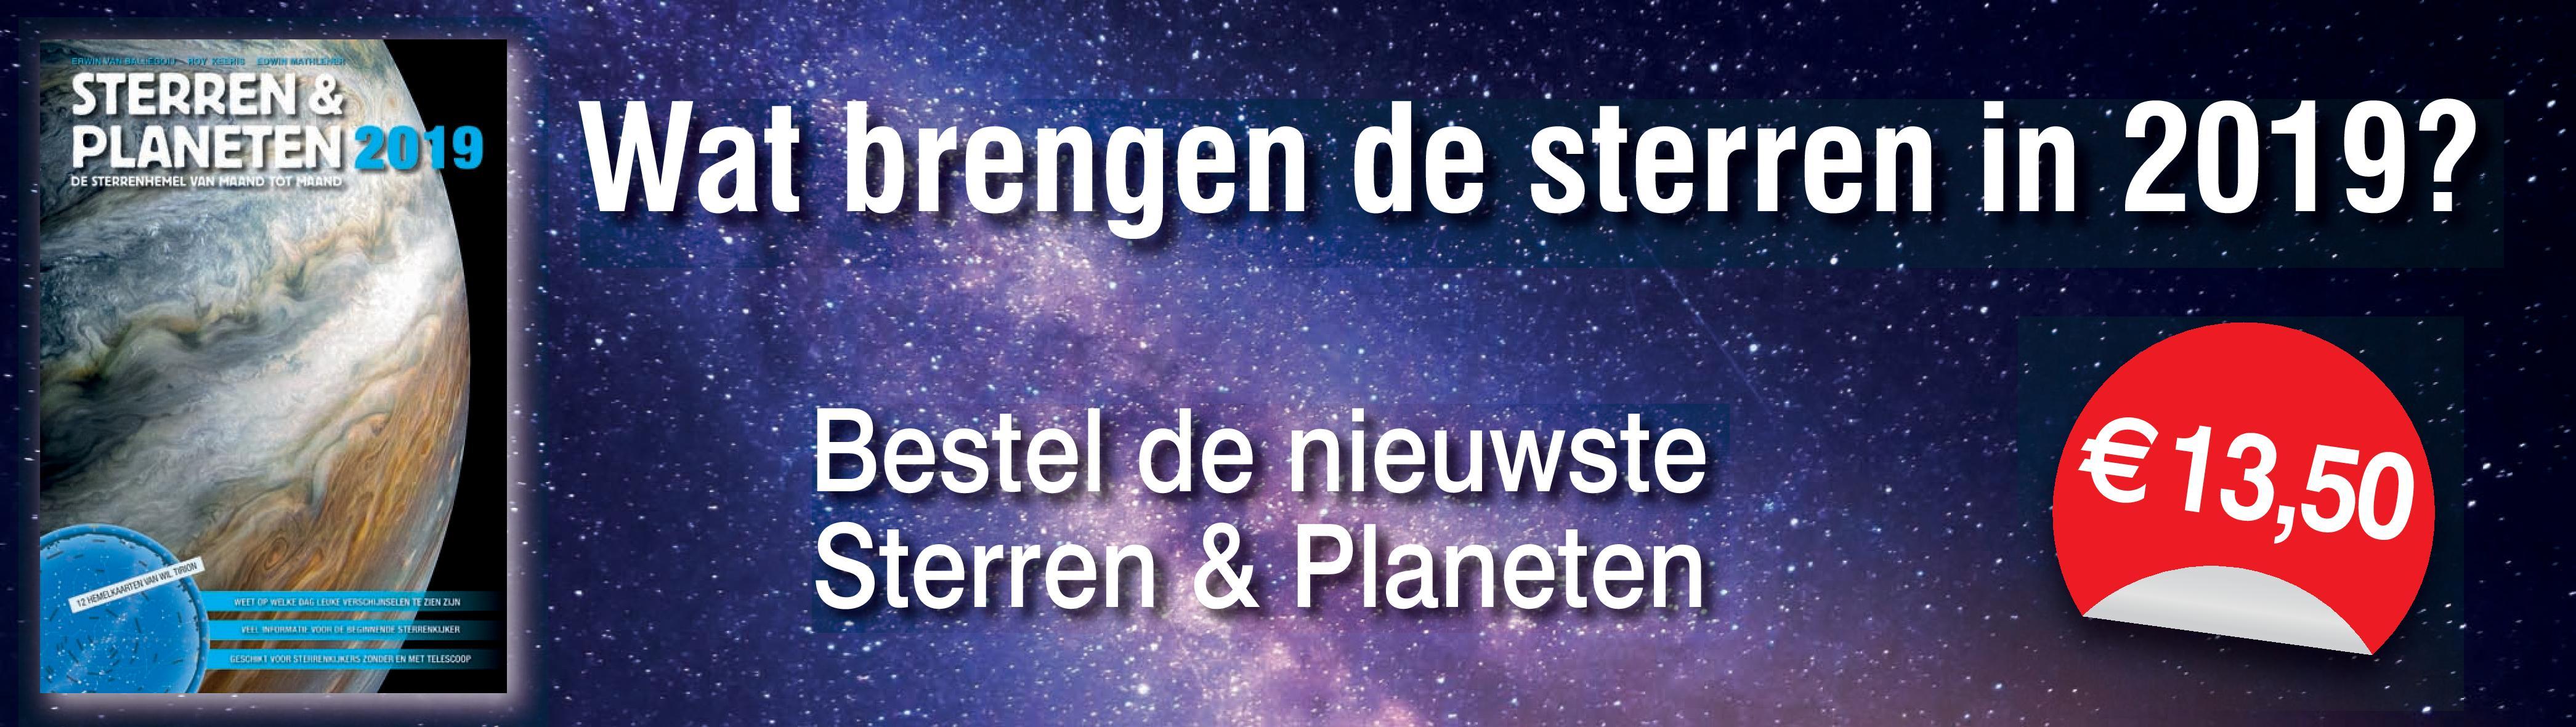 Sterren en Planeten 2019